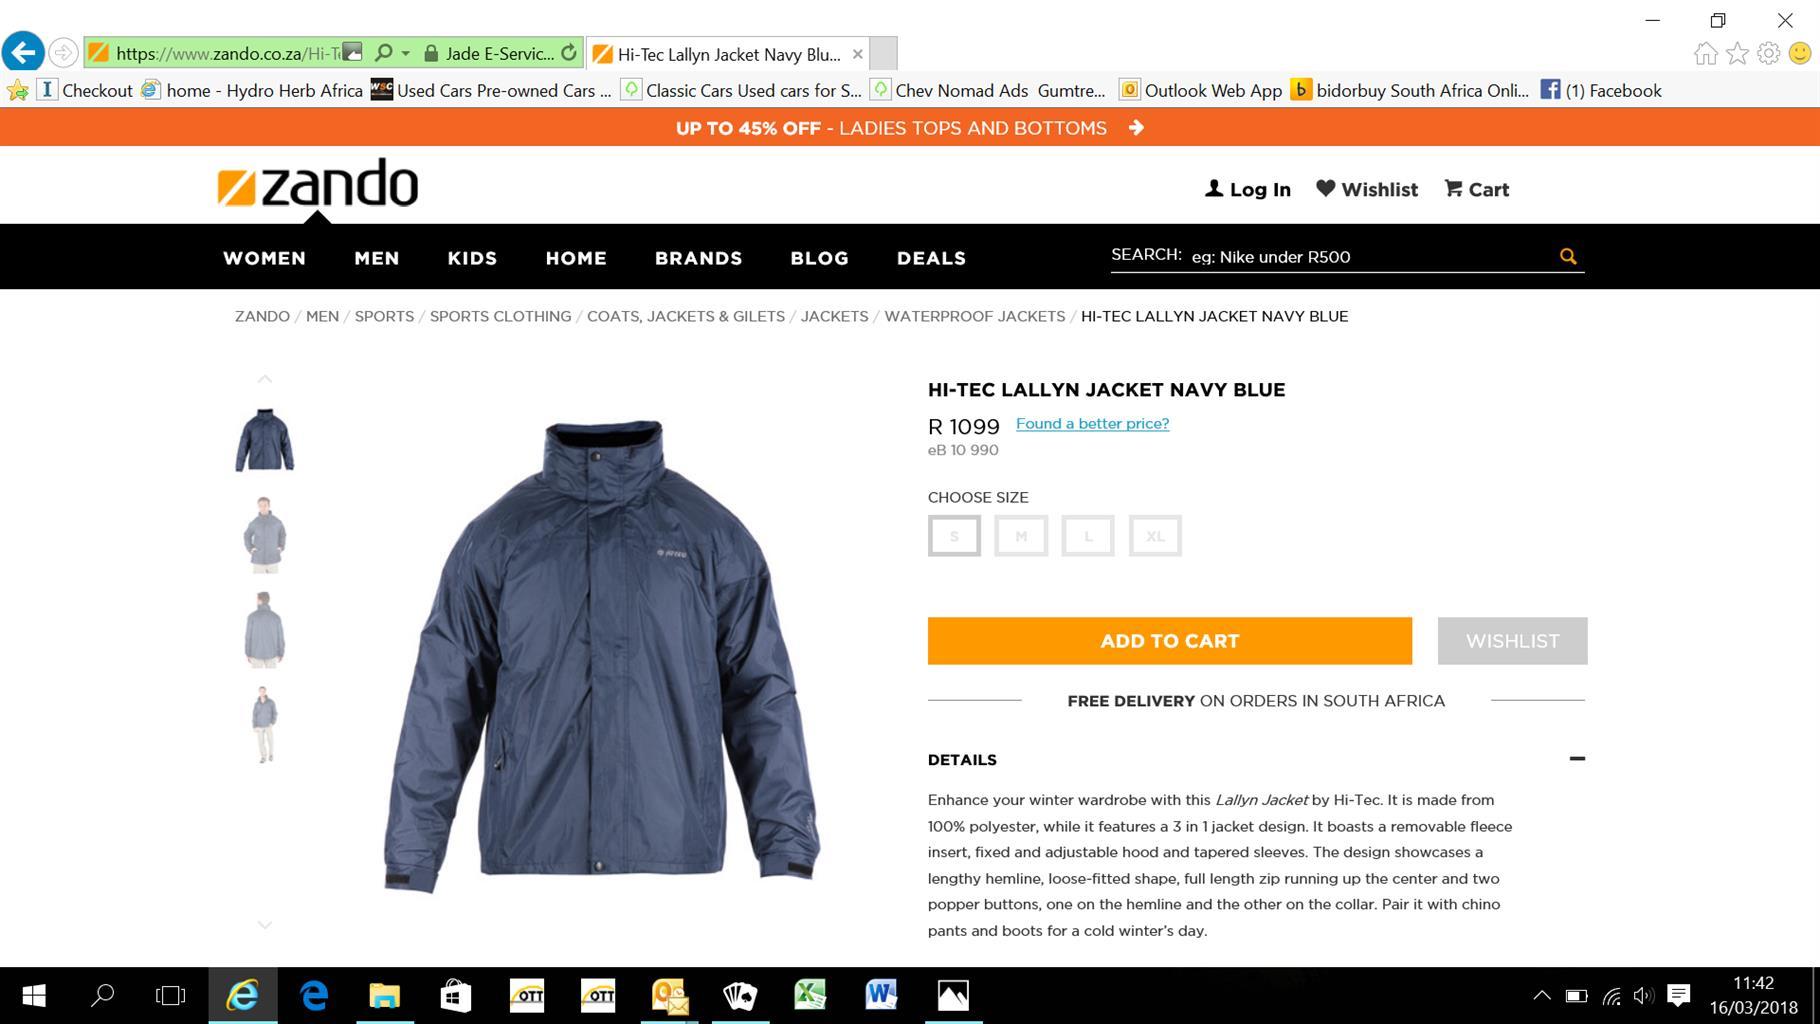 Hi-Tec lallwyn jacket 100% waterproof,